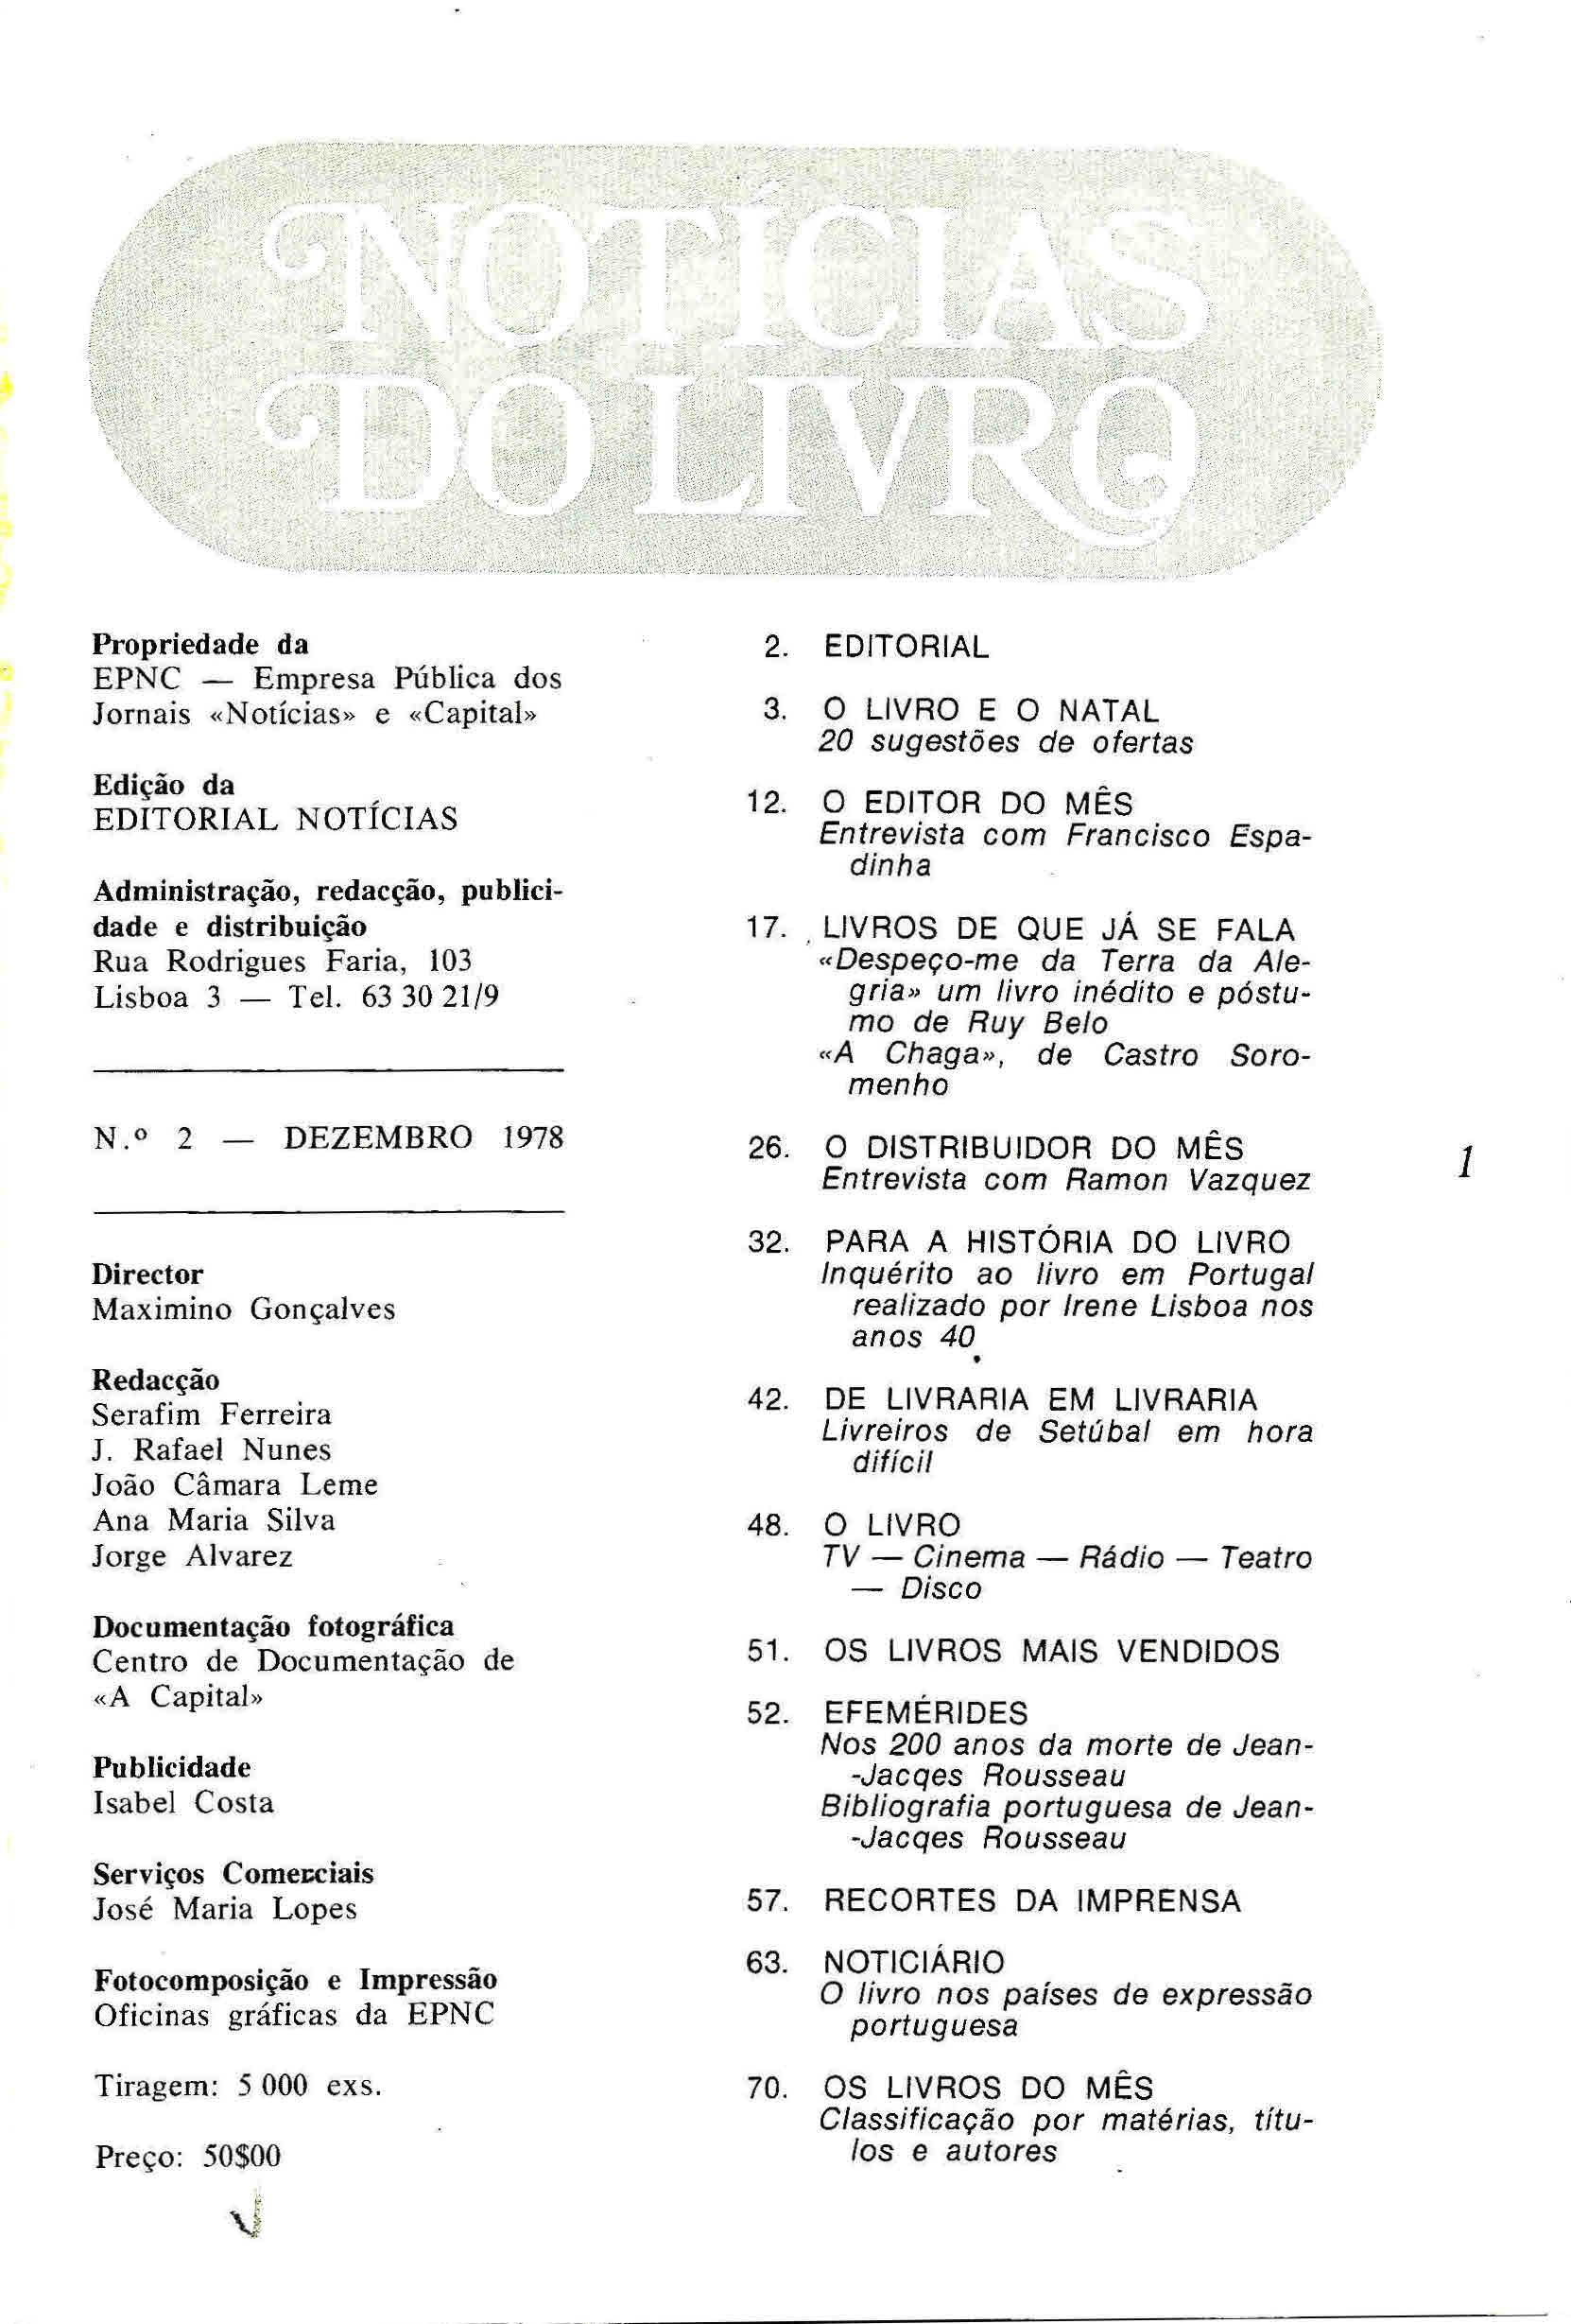 Notícias do Livro Dezembro 1978 n 2 índice